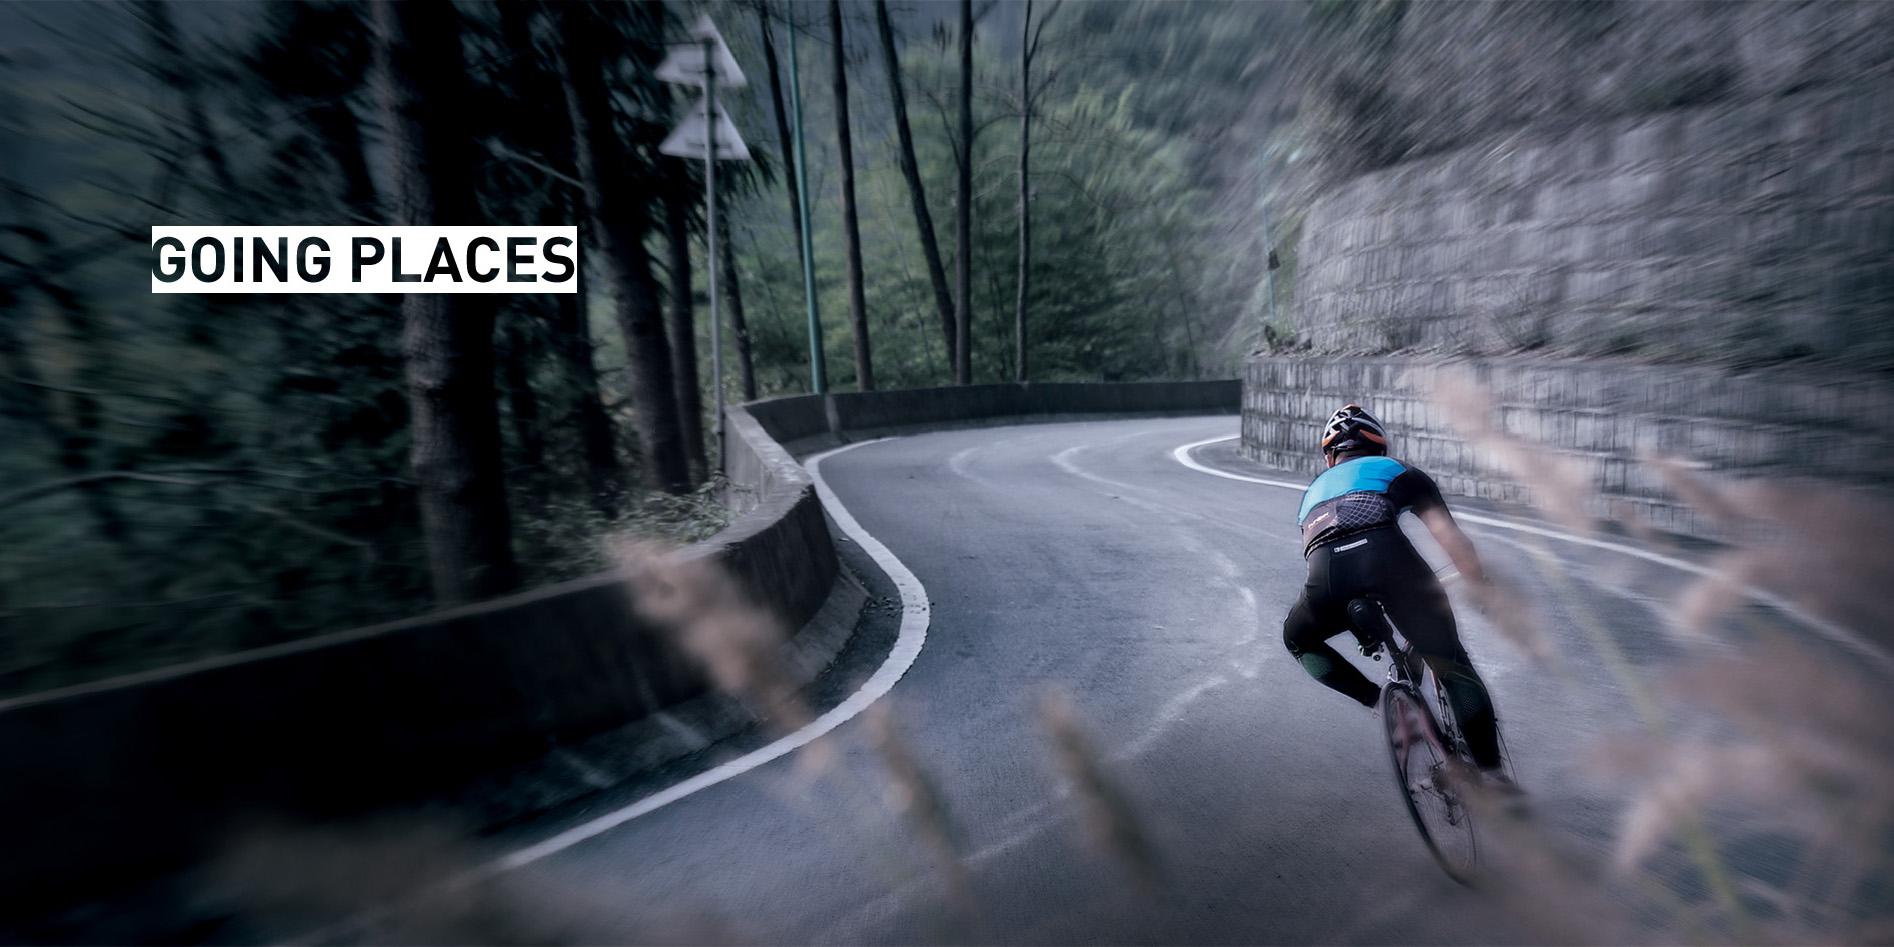 Black//Light Blue Roswheel 131396 Multi-Functional Bike Bag//Water Bottle Holder//LED Safety Light